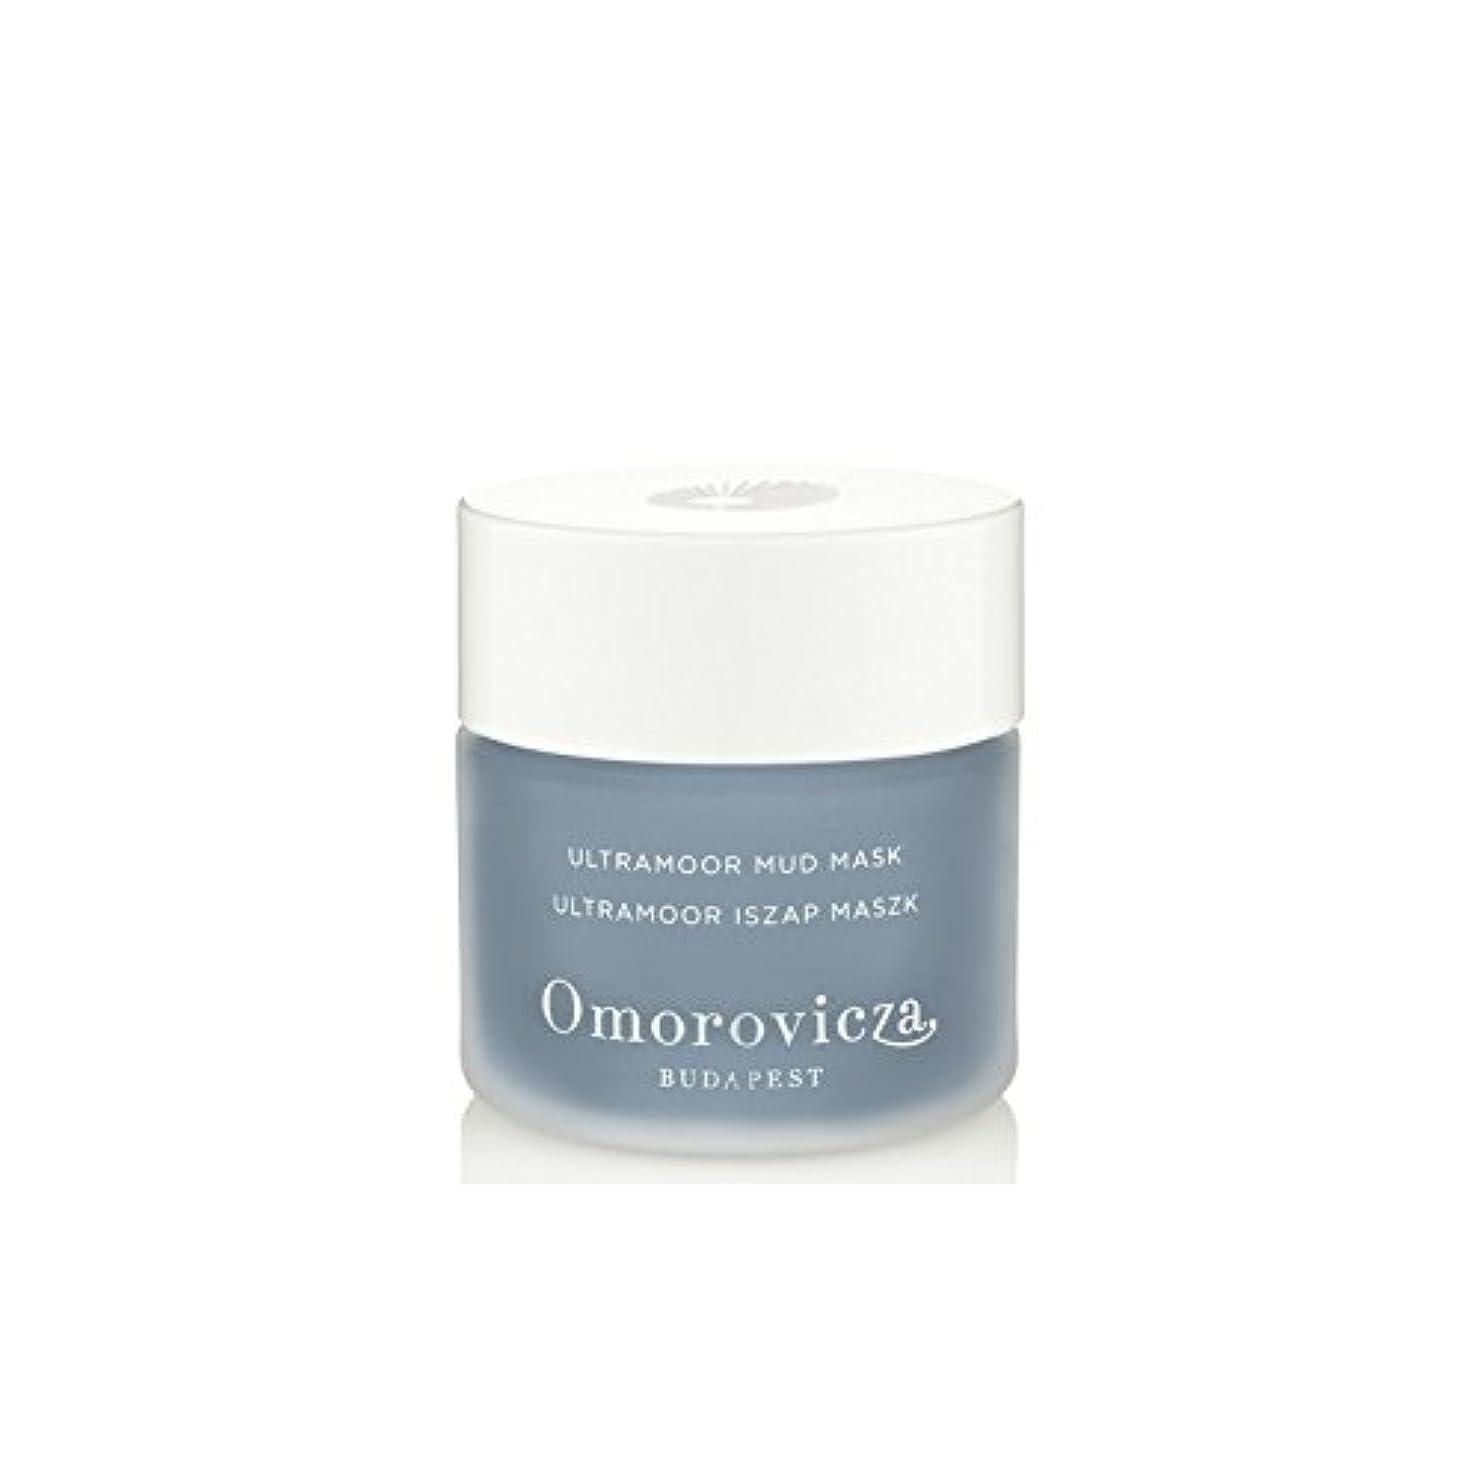 古風なカメ販売員泥マスク(50ミリリットル) x2 - Omorovicza Ultramoor Mud Mask (50ml) (Pack of 2) [並行輸入品]